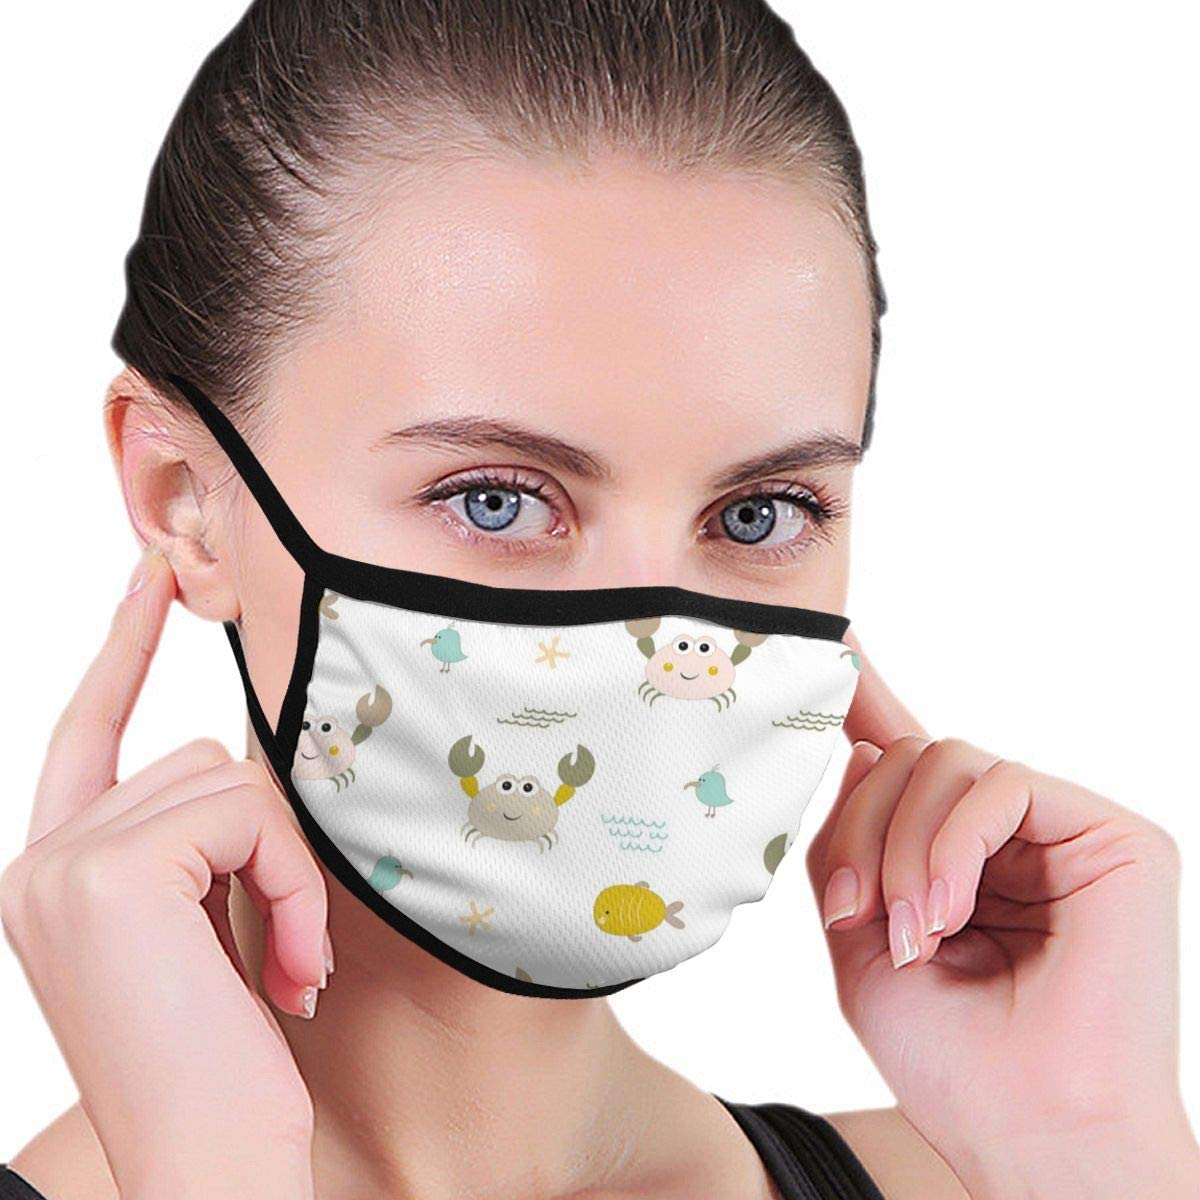 N/R mascarillas de algodón de Colores, Lavable y Reutilizable para Hombres, Mujeres, niños y niñas, Personalizadas